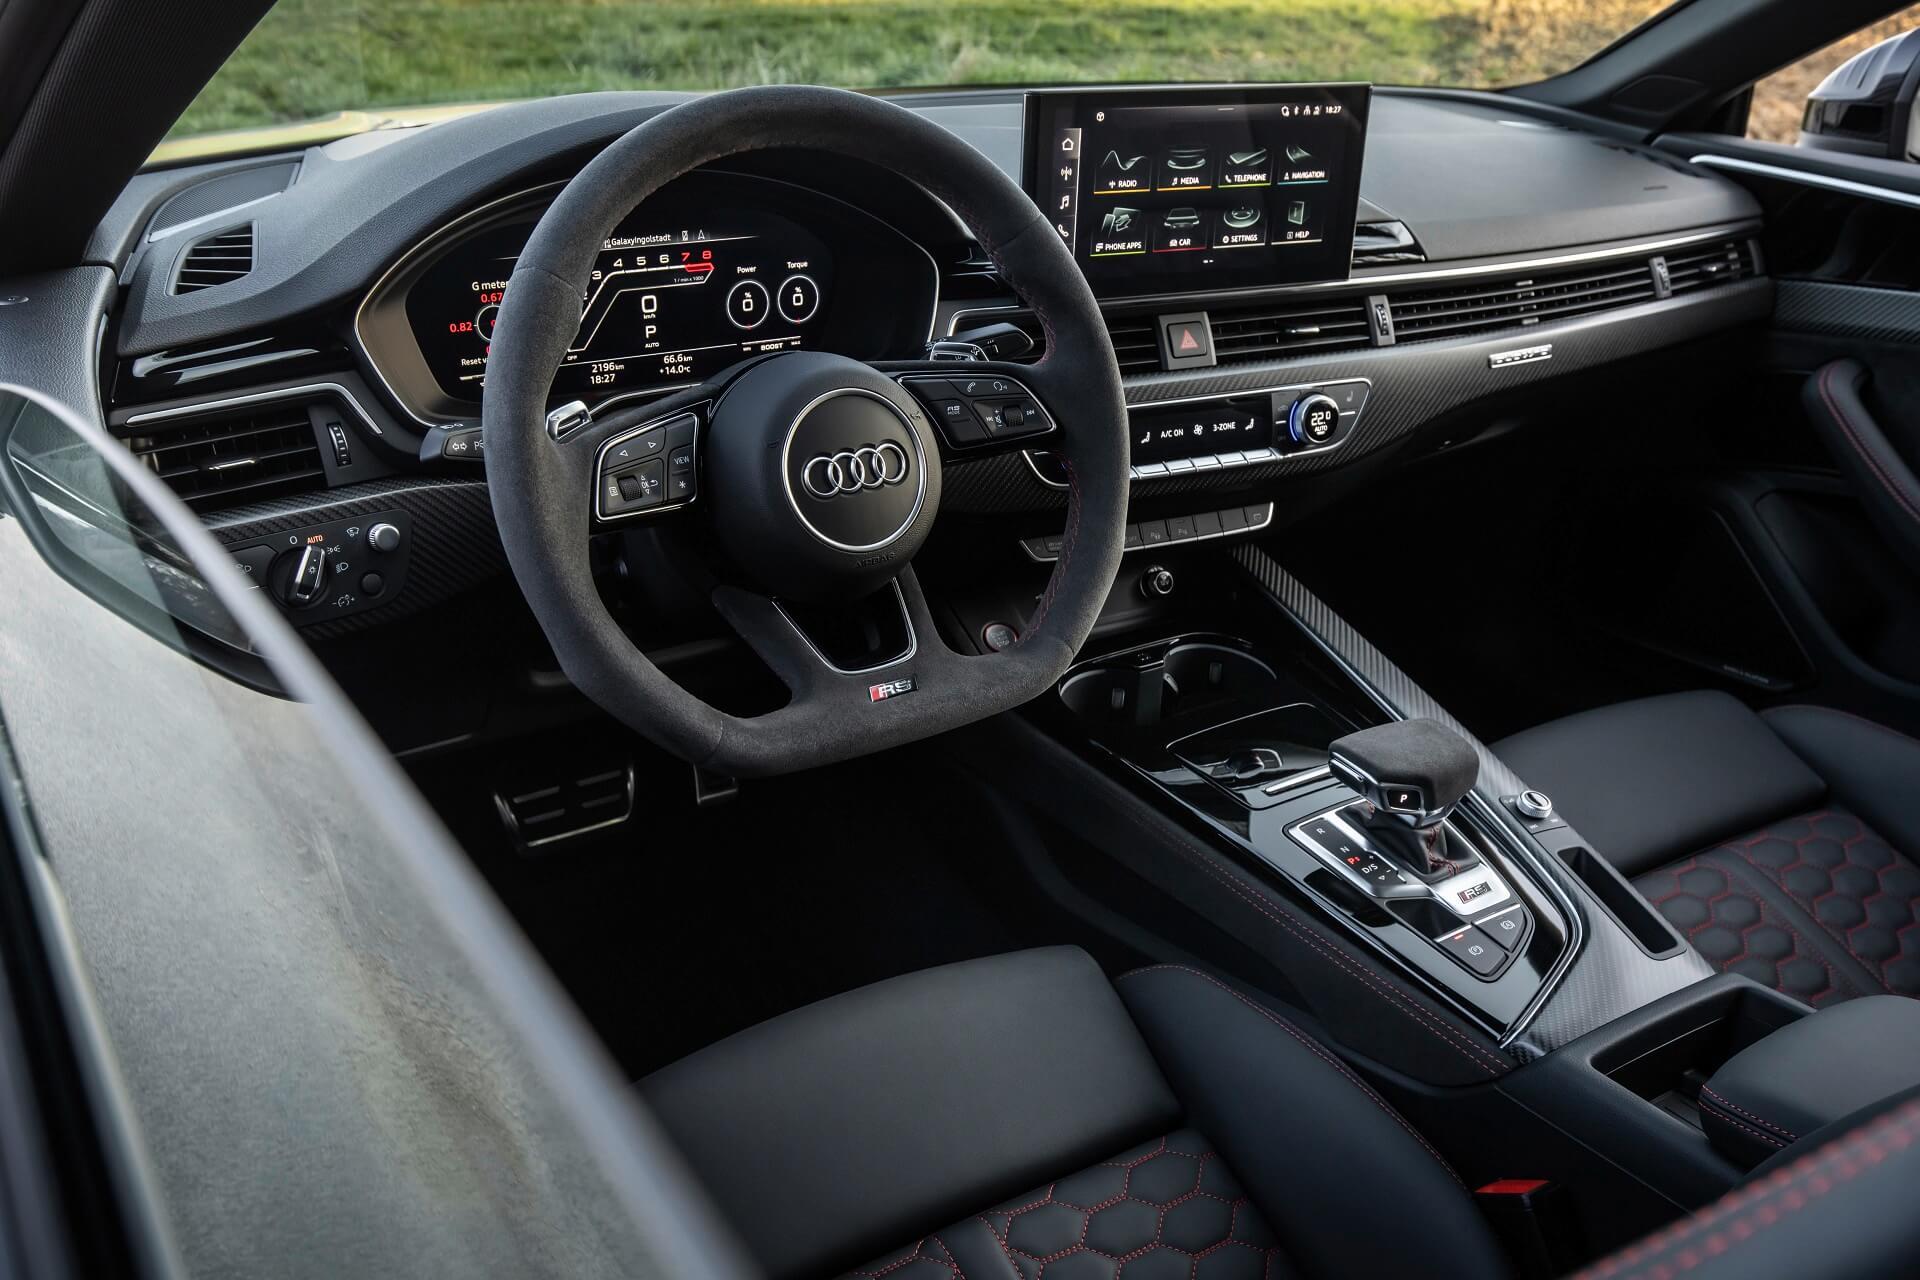 Νέο Audi RS 5 - Ιδιαίτερο και hi-tech εσωτερικό